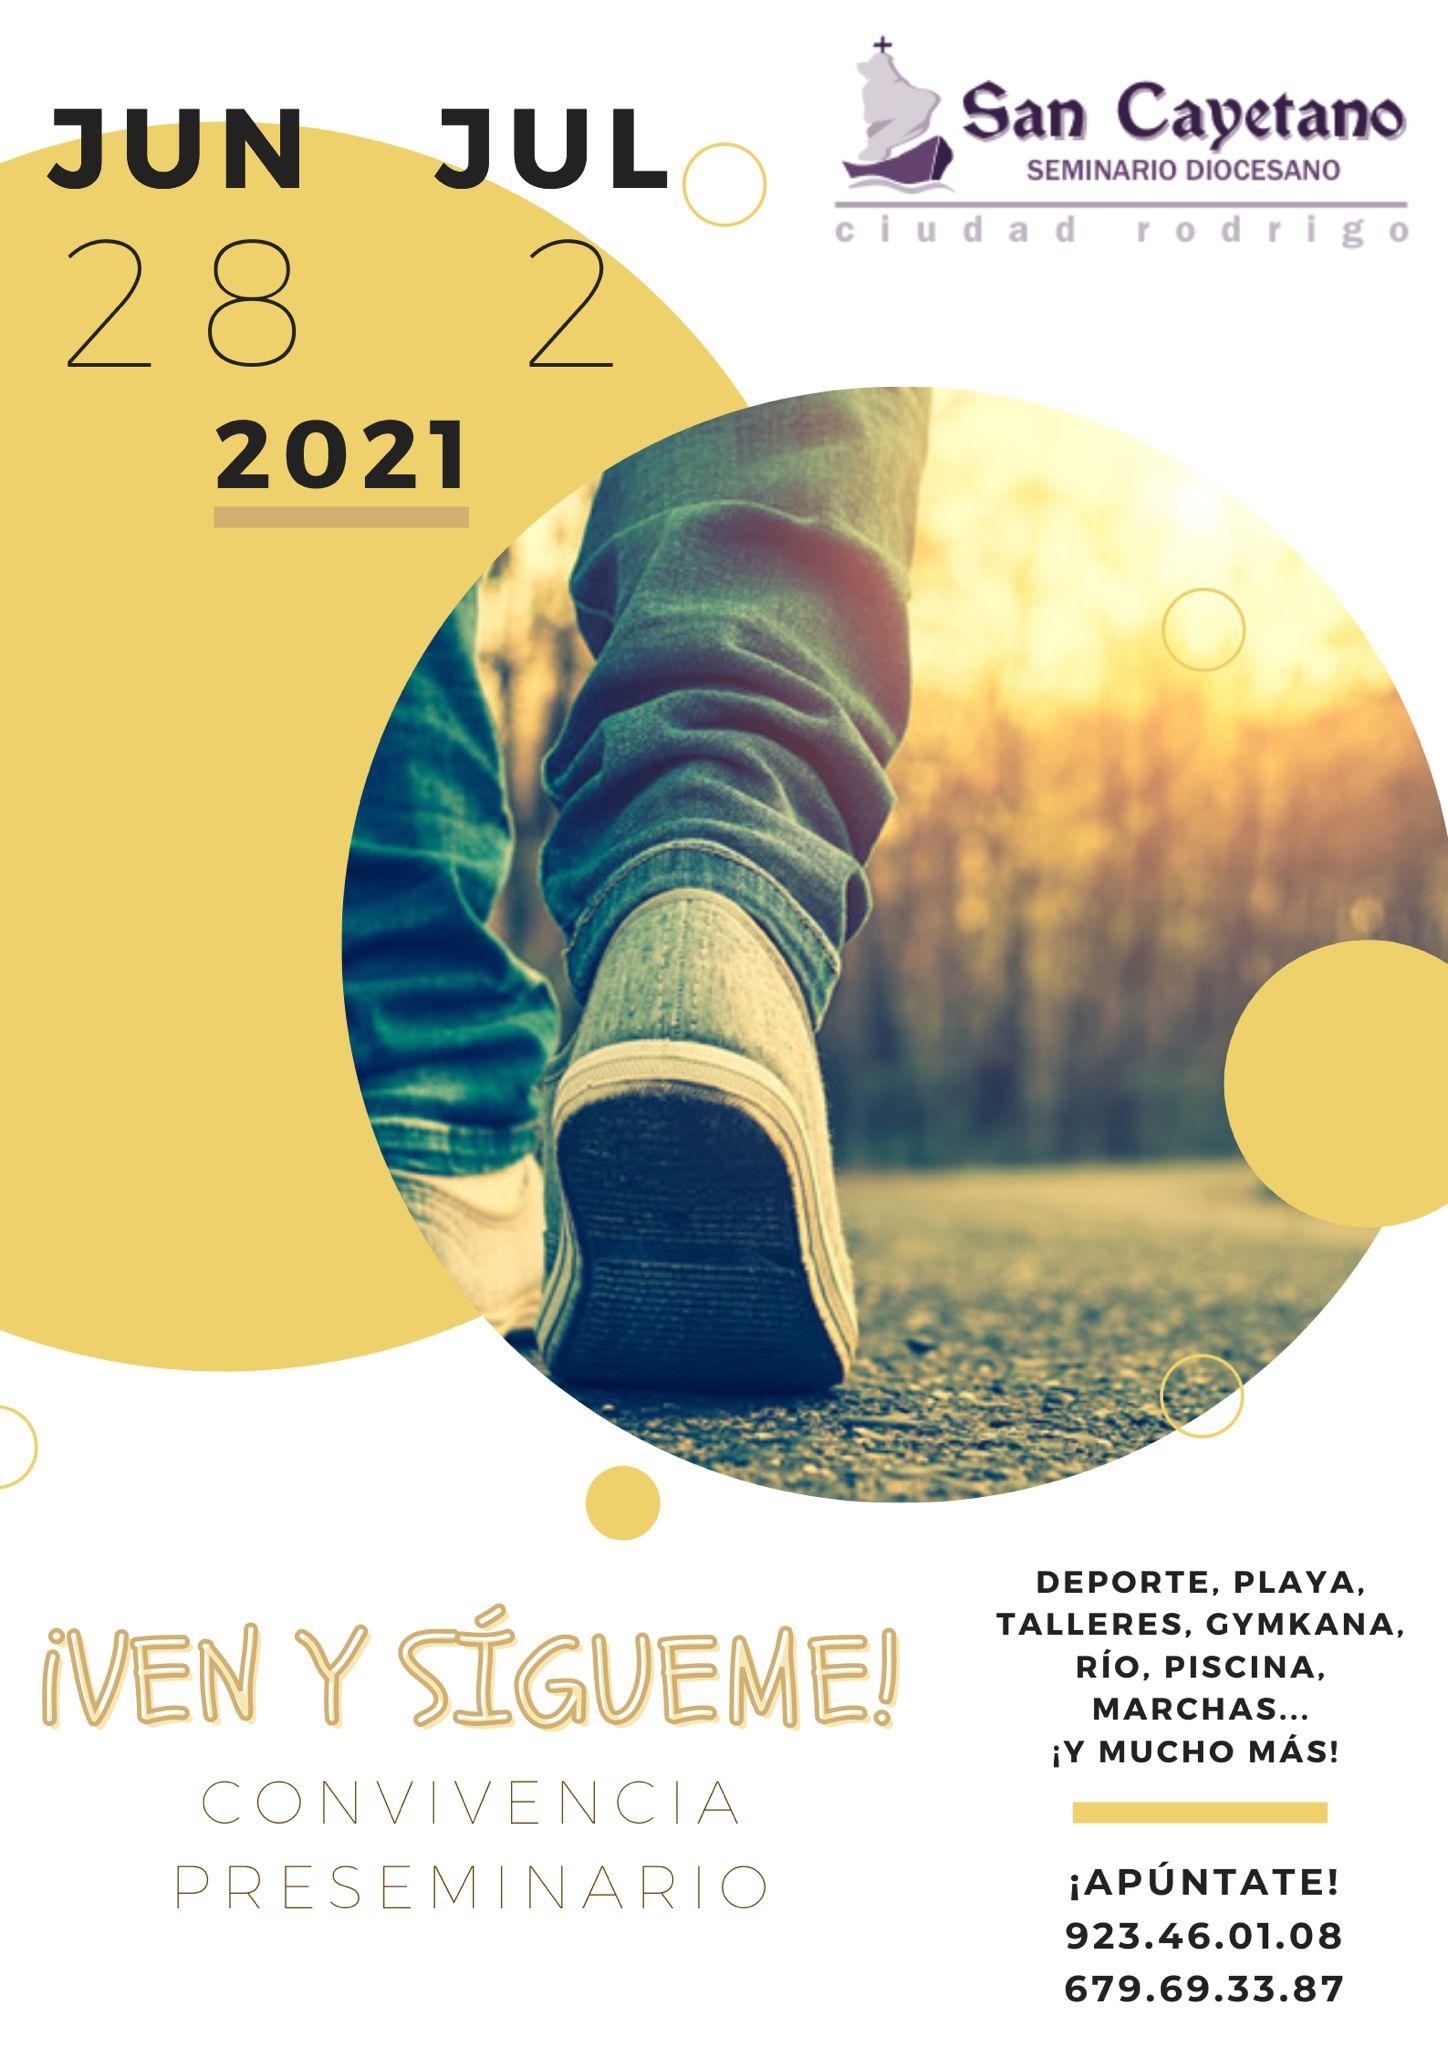 PHOTO-2021-06-21-15-32-45